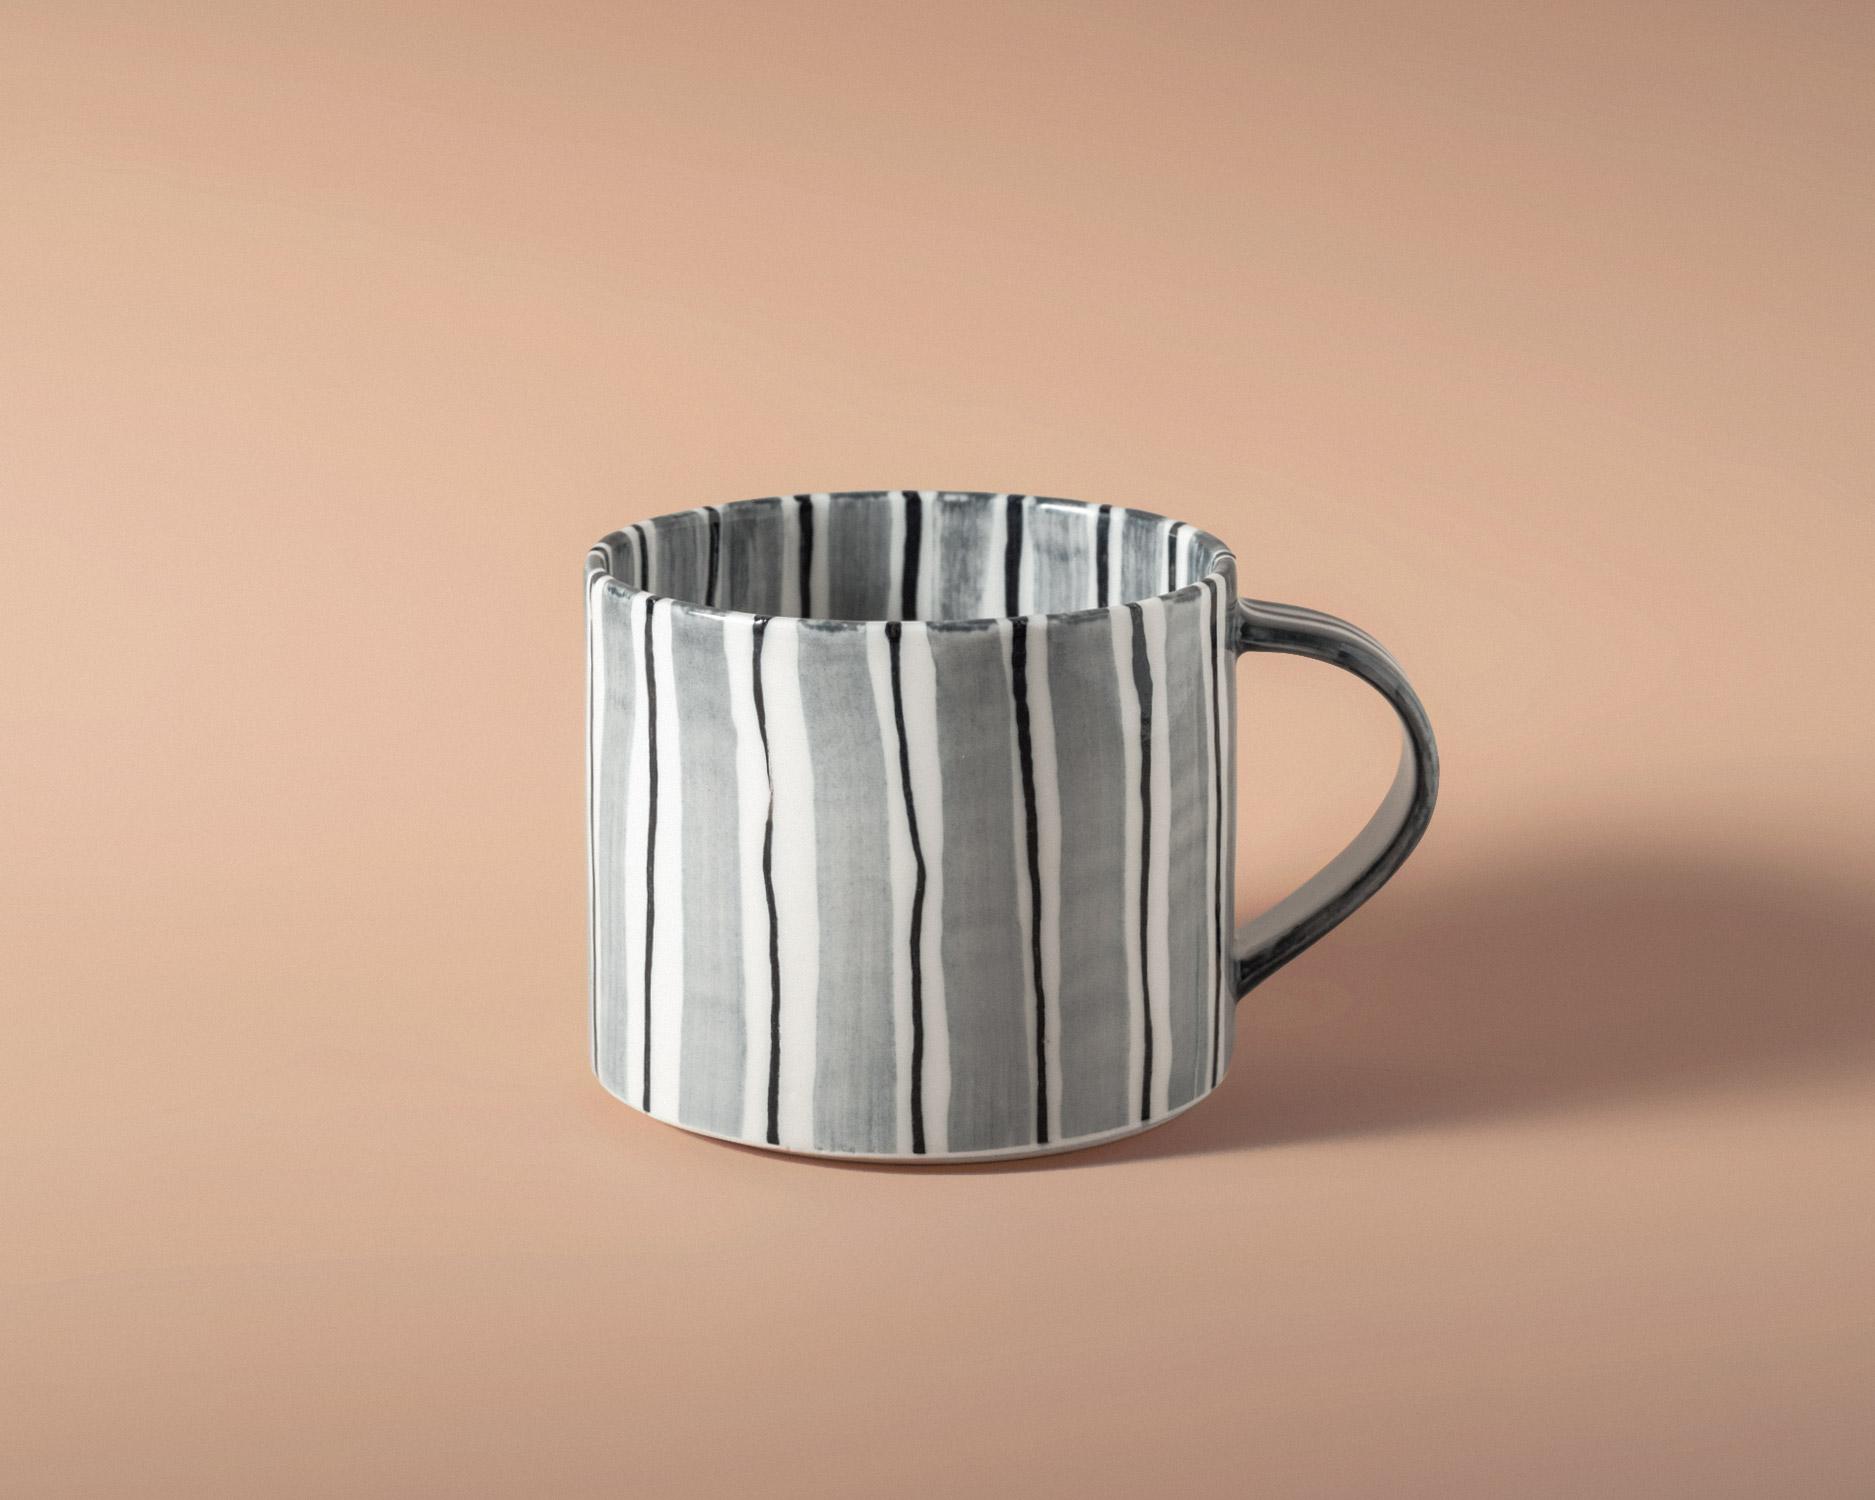 folkdrakter-tea-cup-1-pp.jpg